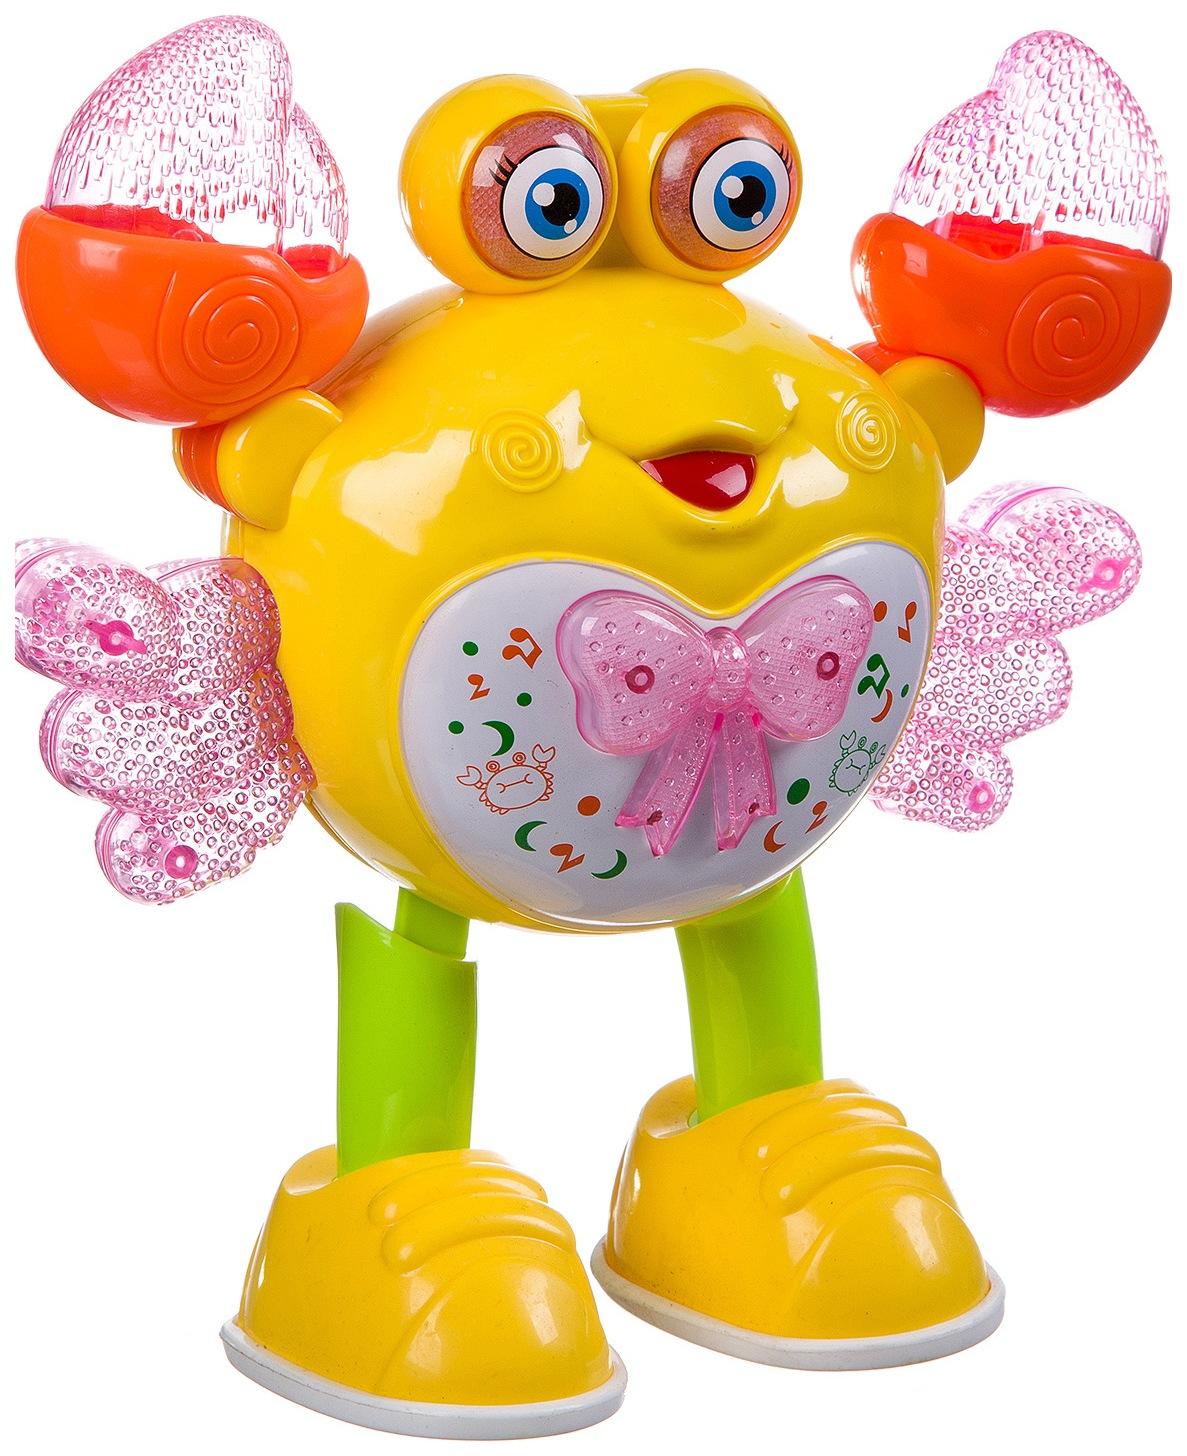 Интерактивная игрушка Shantou Gepai Танцующий краб в ассортименте, Интерактивные игрушки  - купить со скидкой